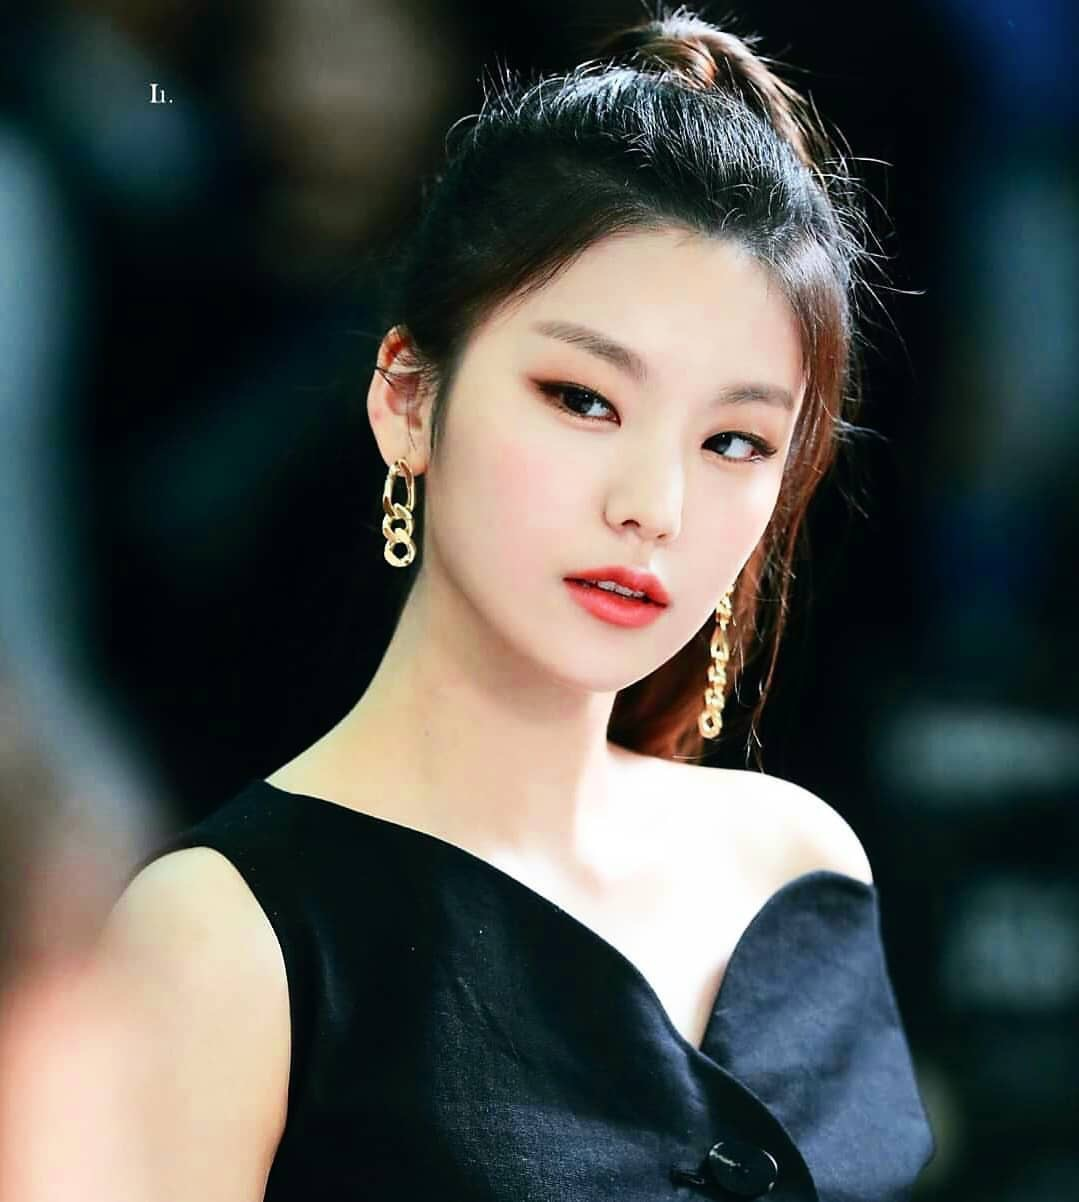 612vo8-l-1202x1202-dress-hwang+yeji-black+dress-mac+cosmetics.jpg